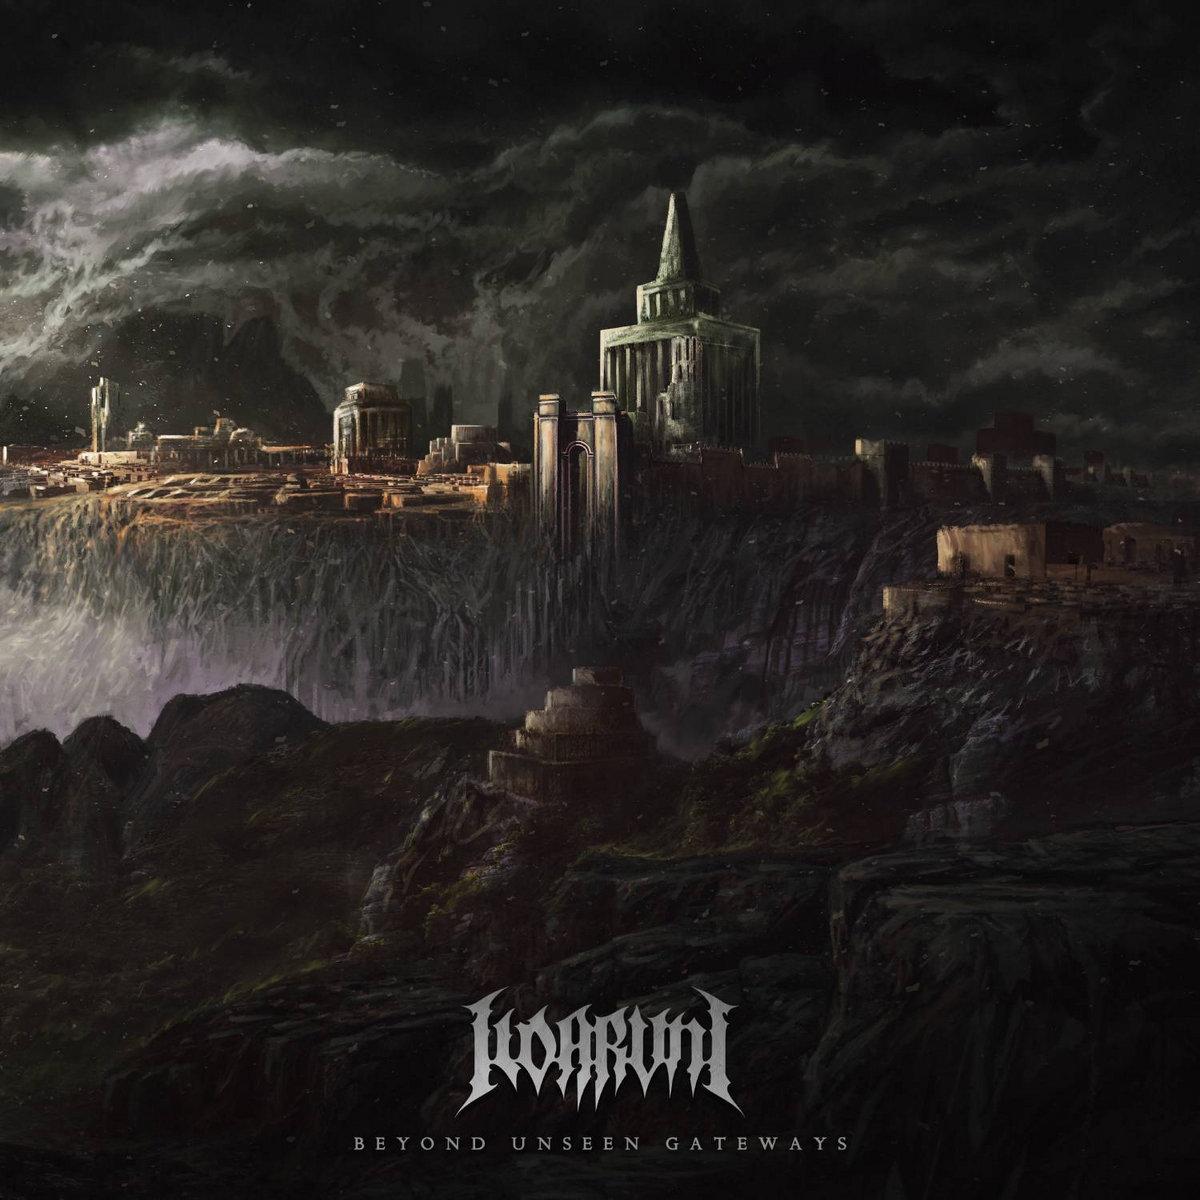 Ildaruni – Beyond Unseen Gateways